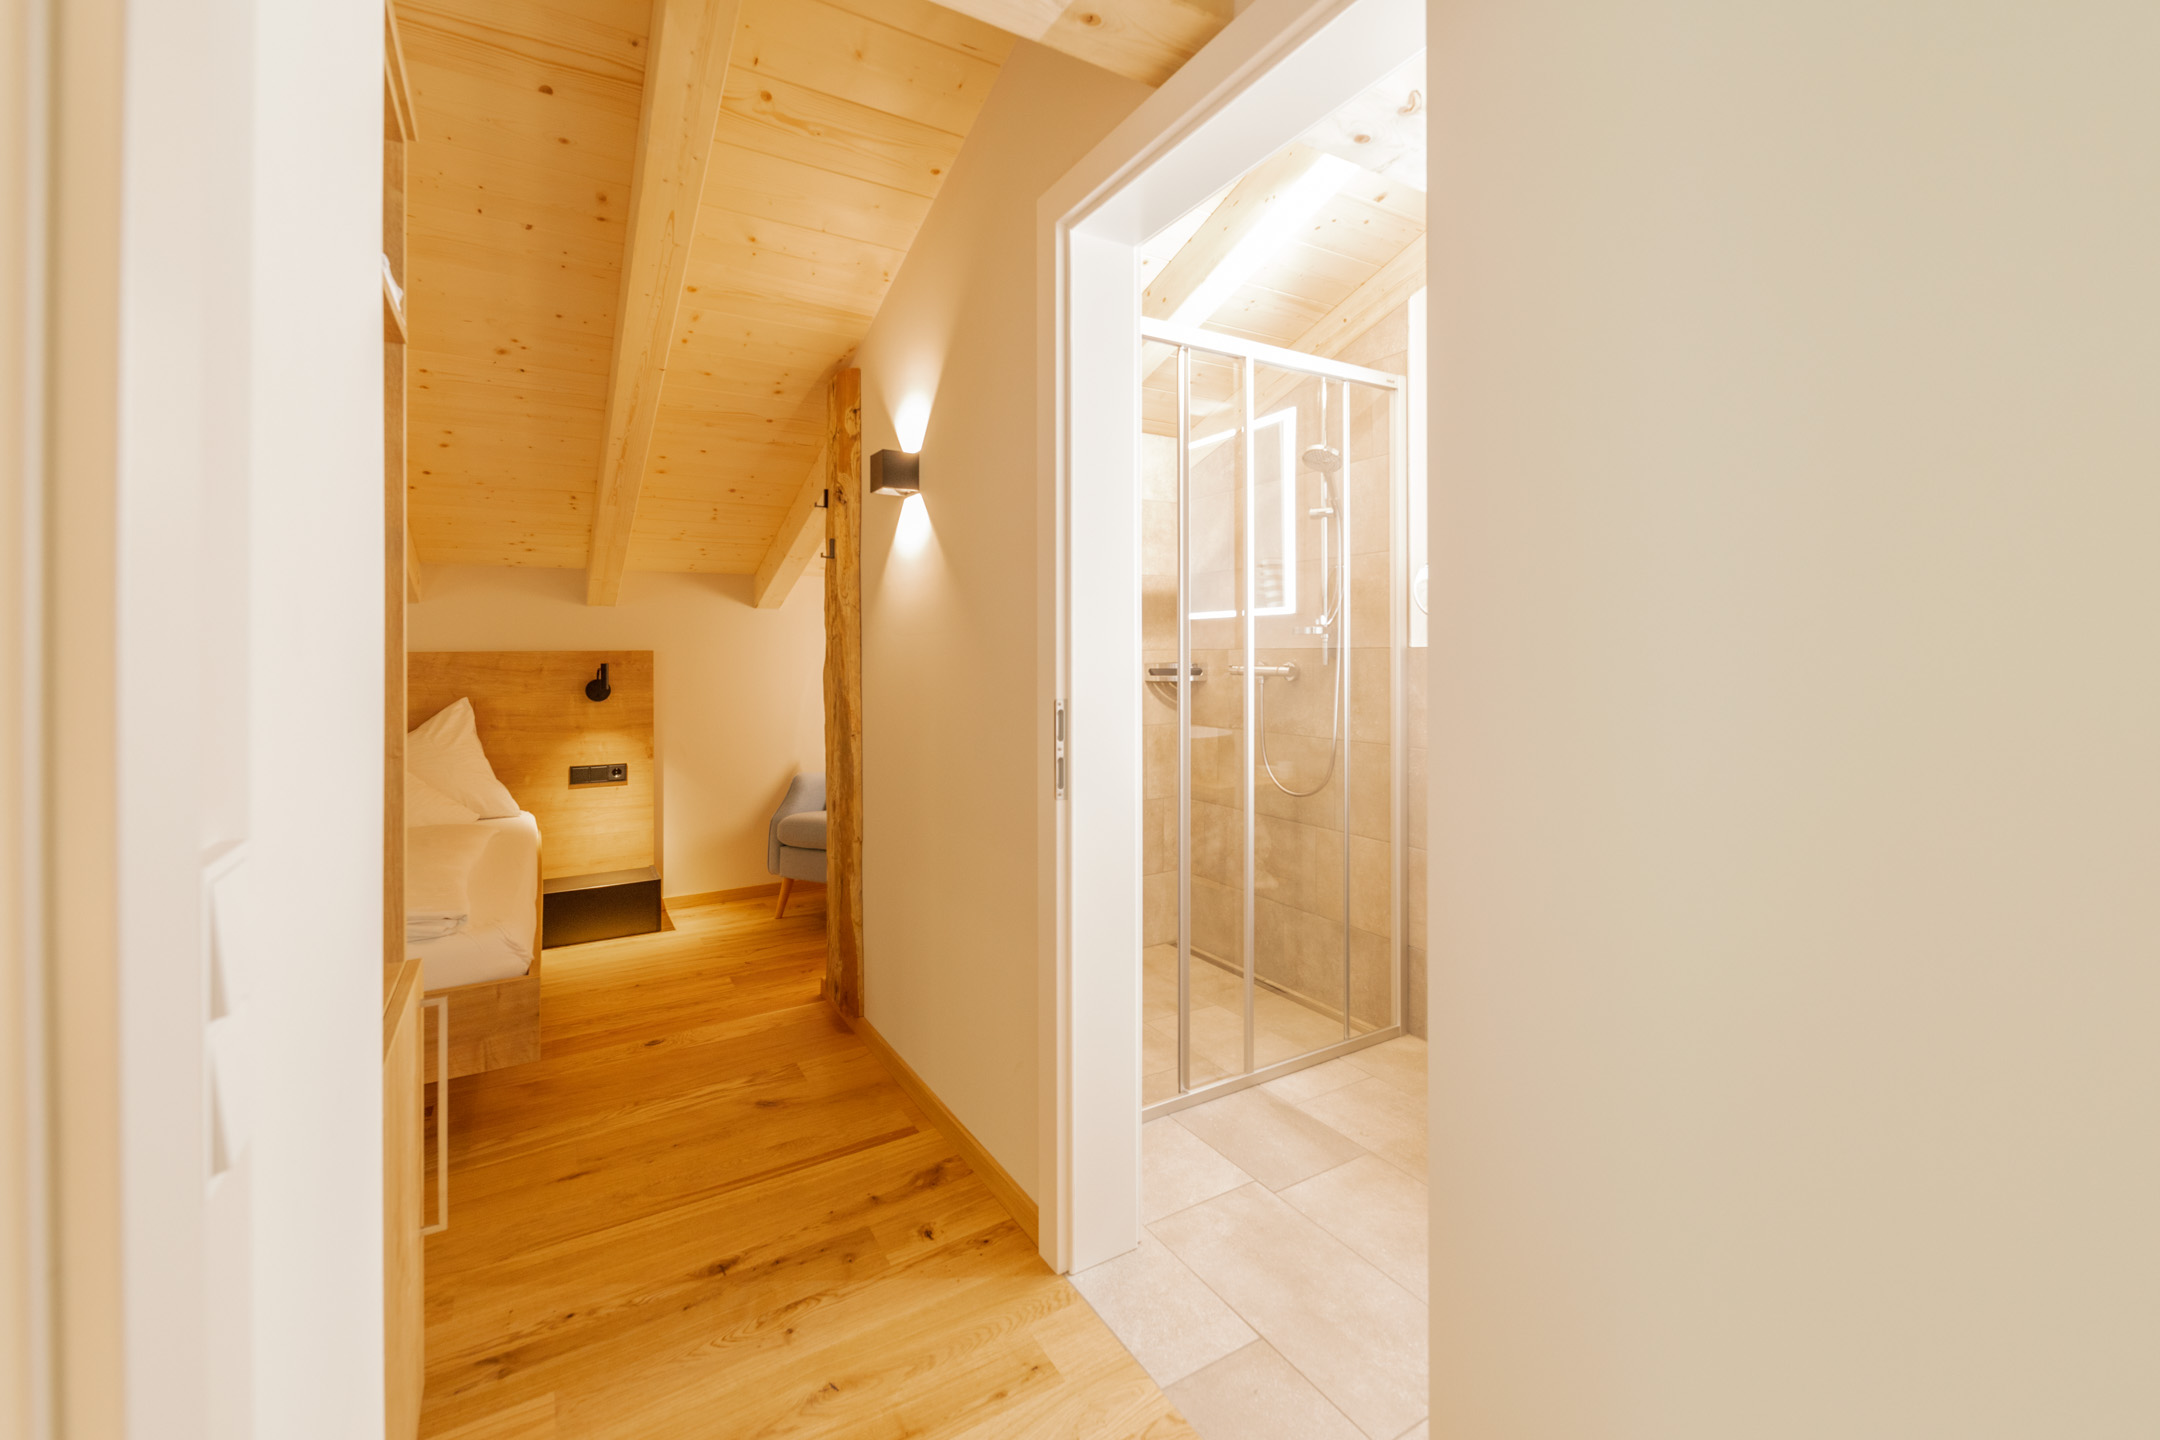 Familien Suite, Raum hoch zwei. Genügend Platz um sich auszubreiten, privat aber doch zusammen. Große Suite für bis zu vier Personen mit getrennten Schlafzimmern